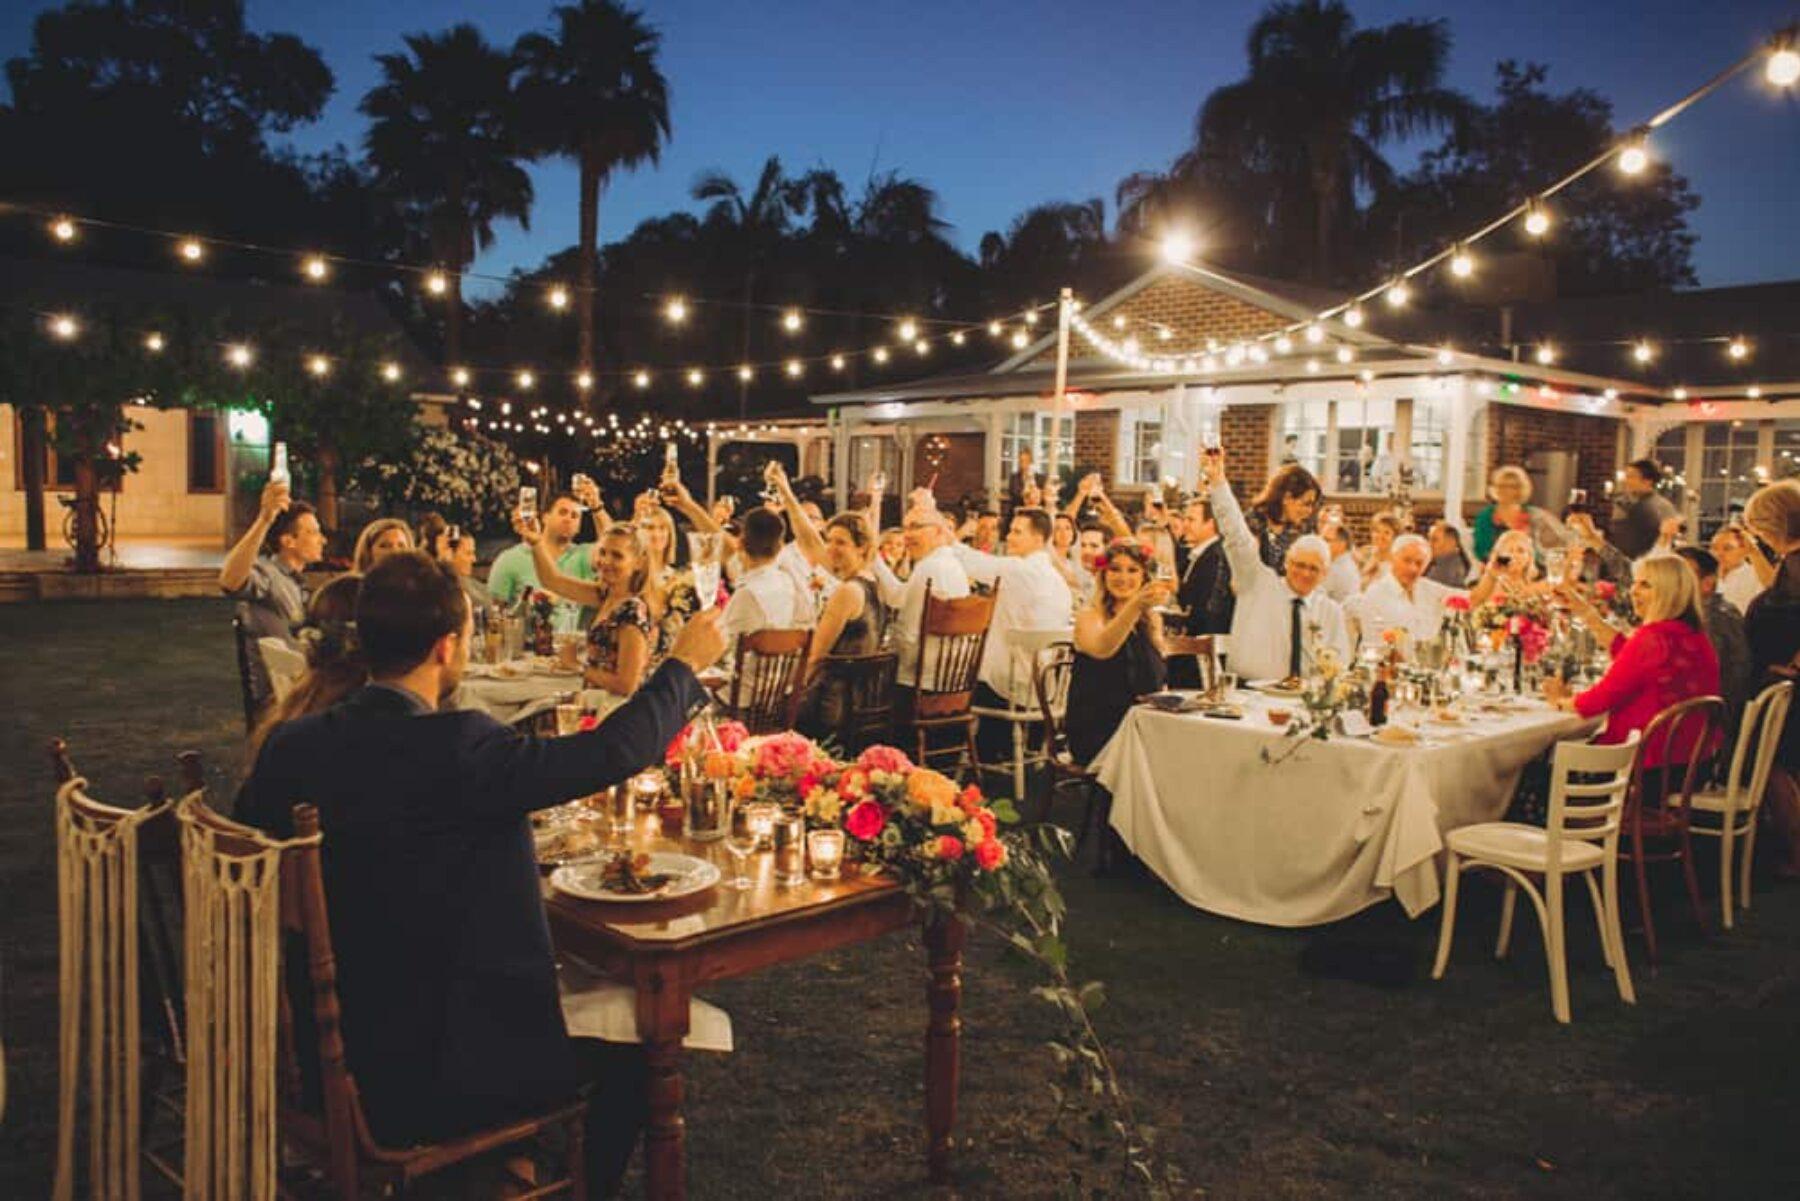 DIY backyard wedding / Sarah Jean Photography